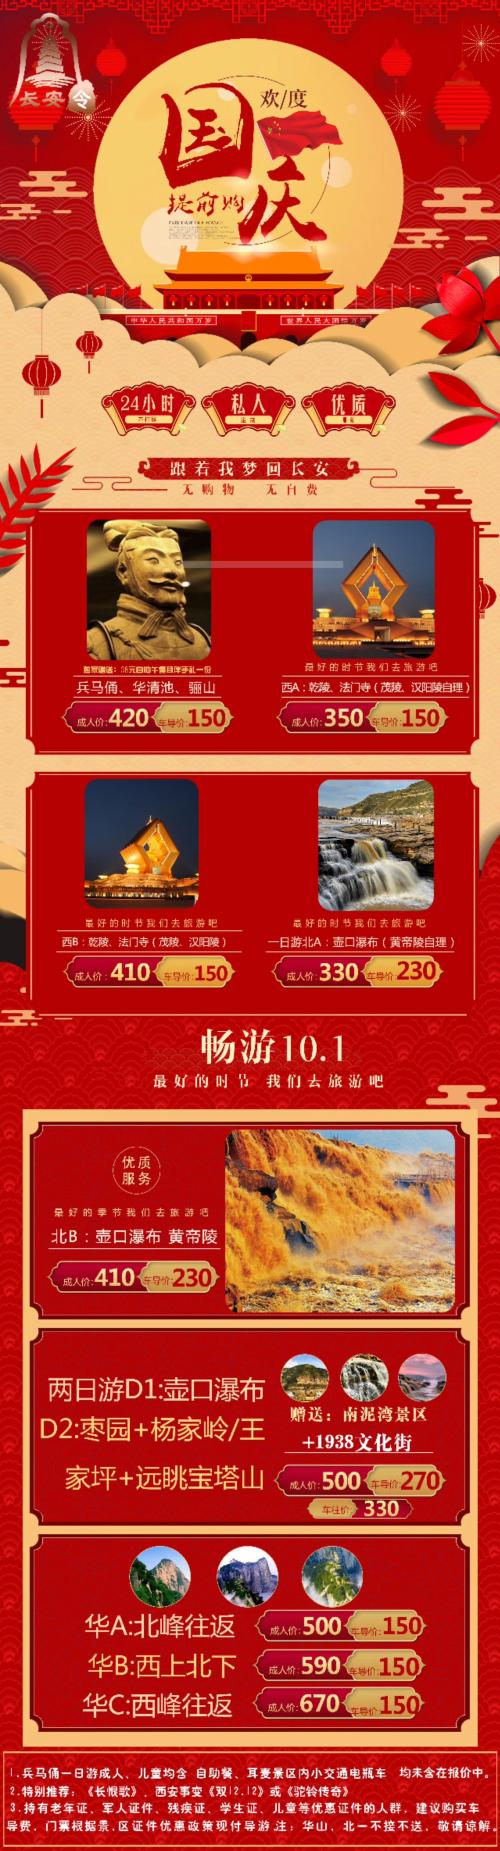 国庆节西安旅游线路